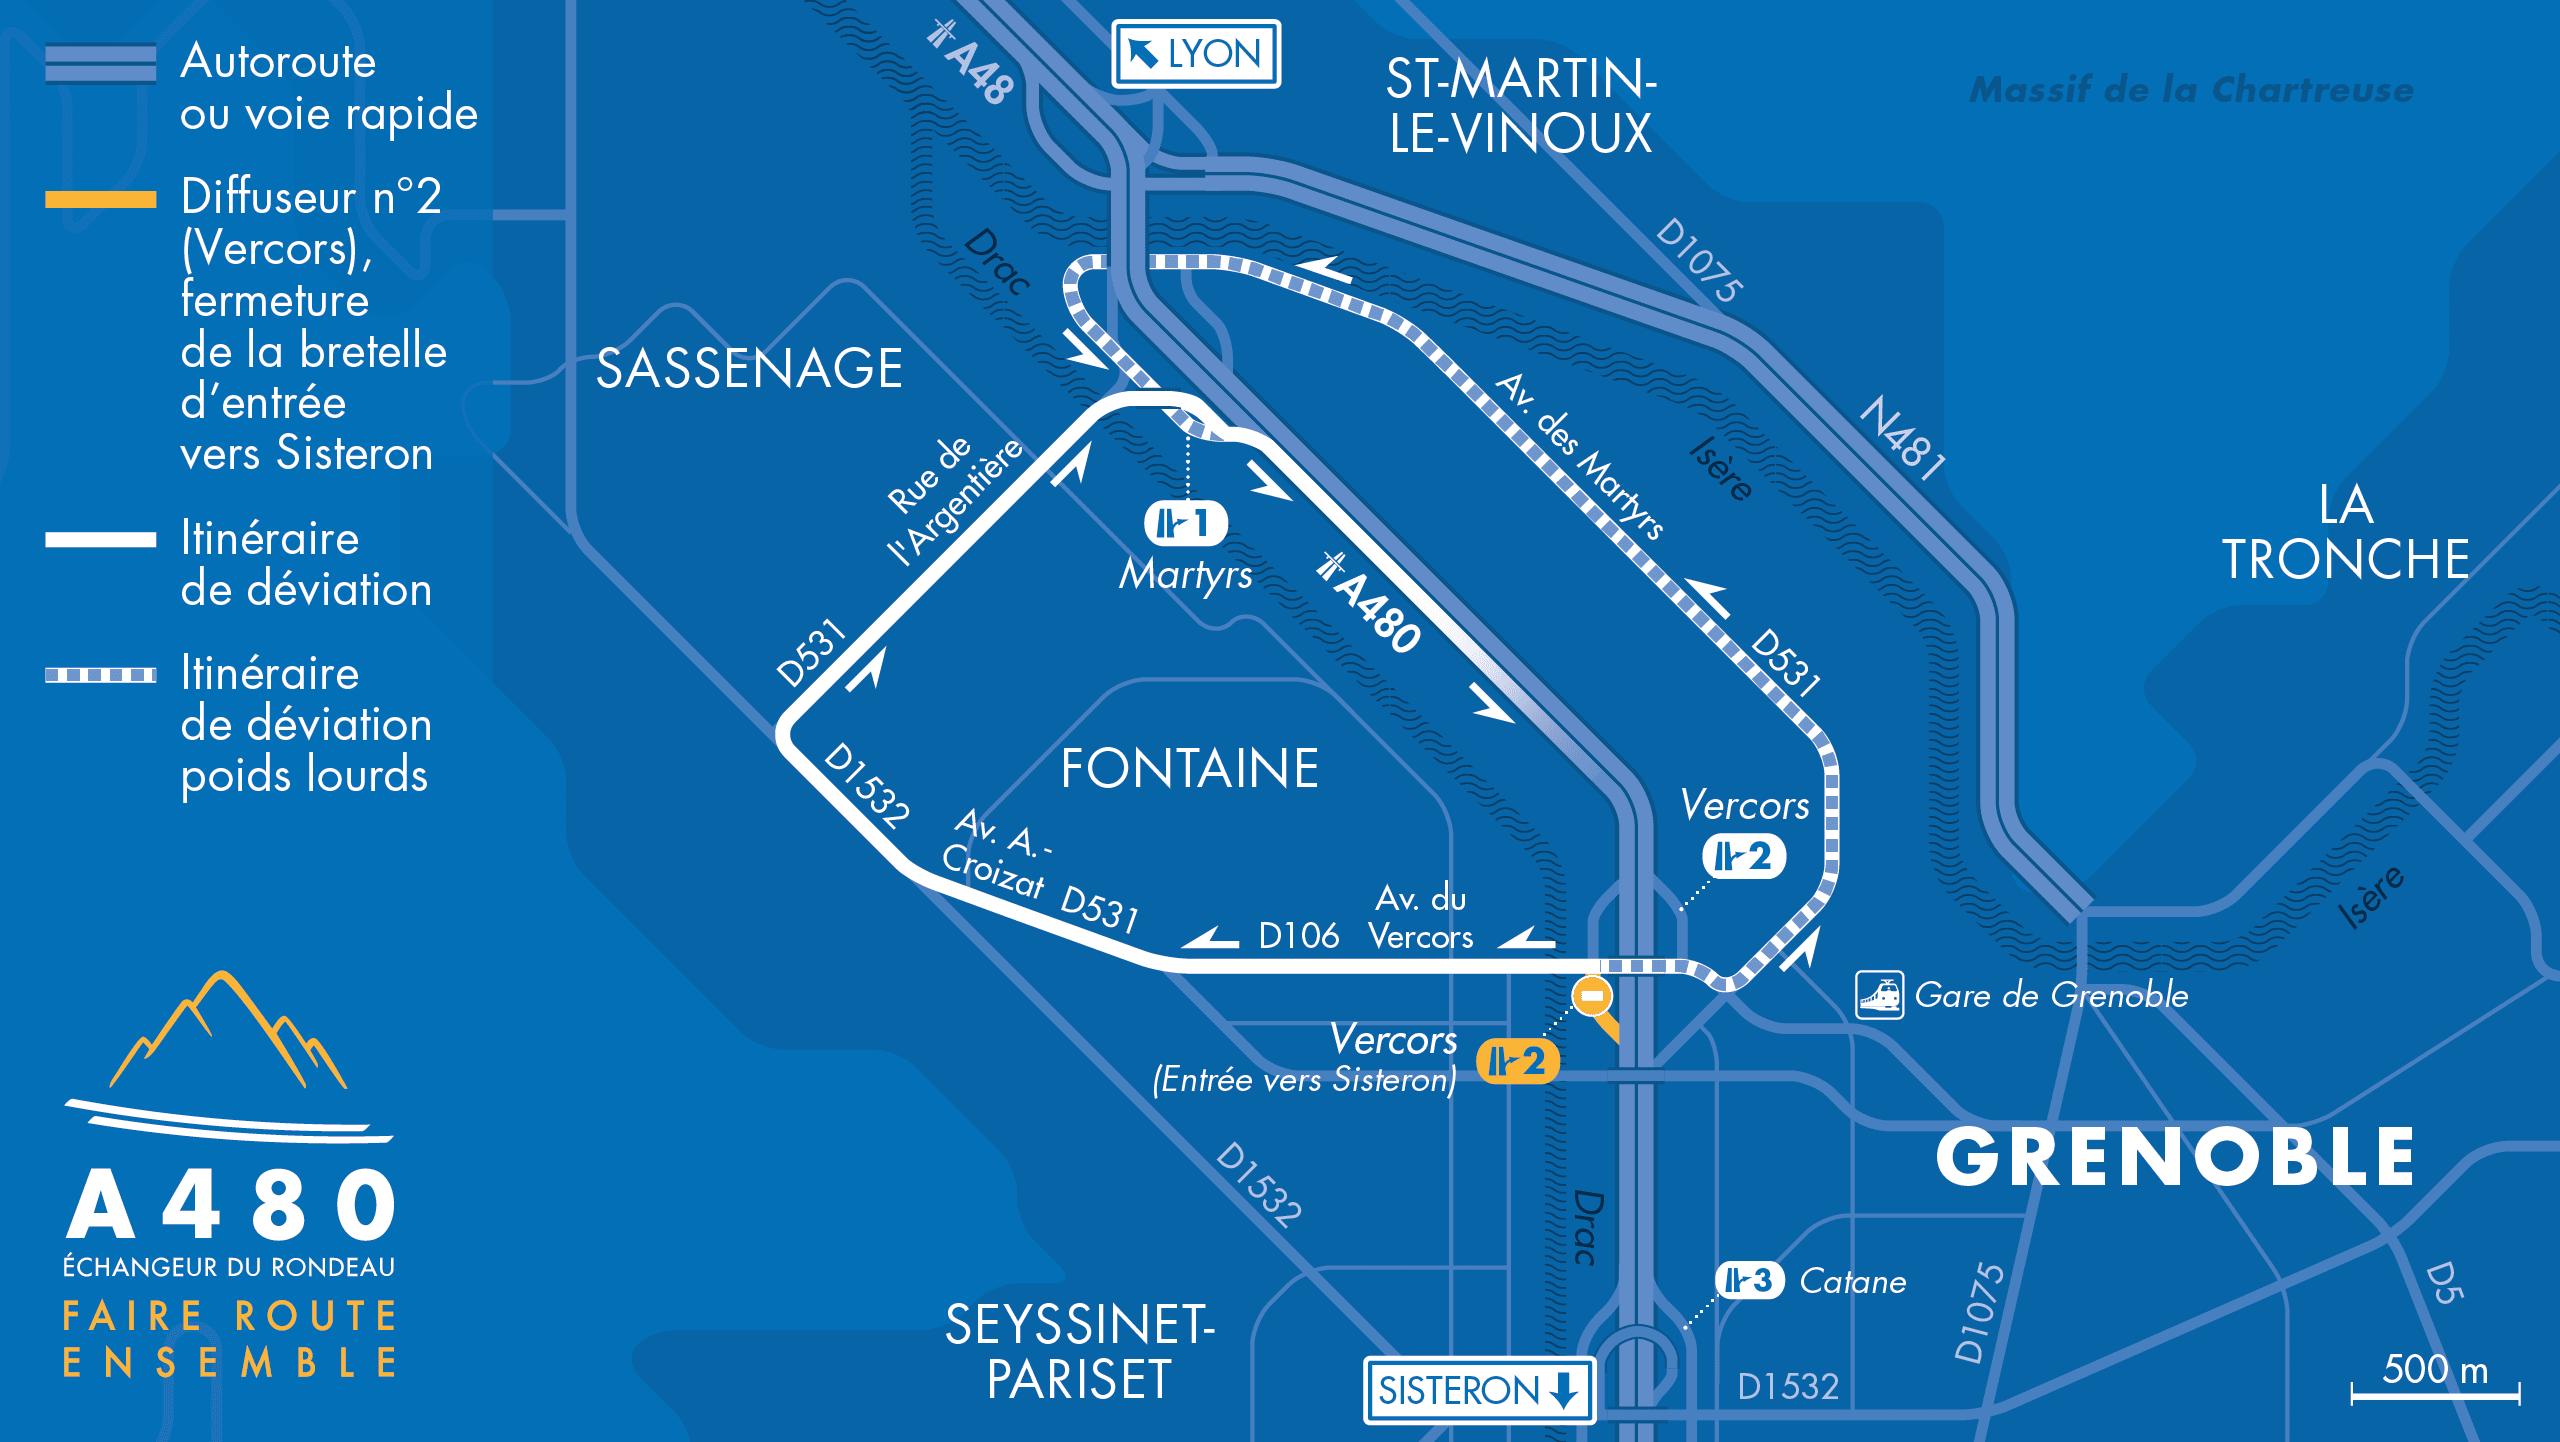 itinéraire de déviation dans le secteur Vercors du 13 janvier au 18 mai 2020